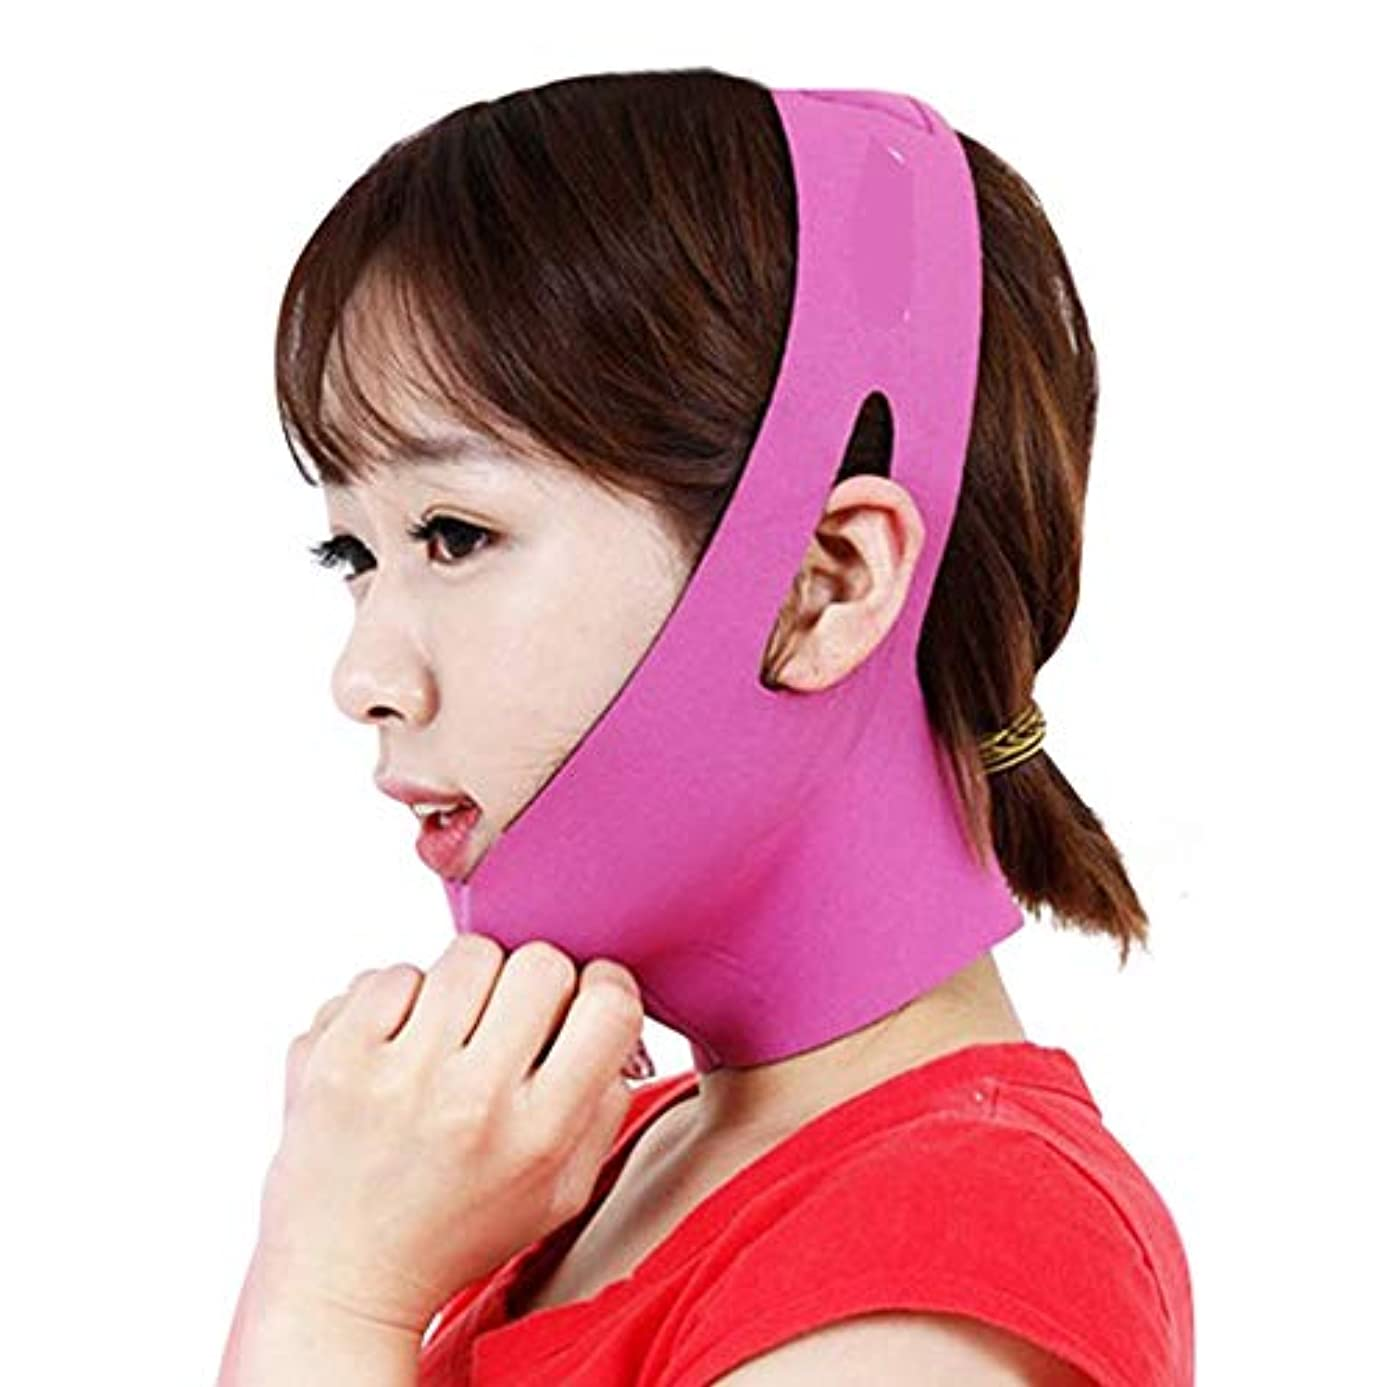 変位元気なぐったりJia Jia- フェイシャルリフティング痩身ベルト圧縮二重あご減量ベルトスキンケア薄い顔包帯二重あごワークアウト 顔面包帯 (色 : ピンク)